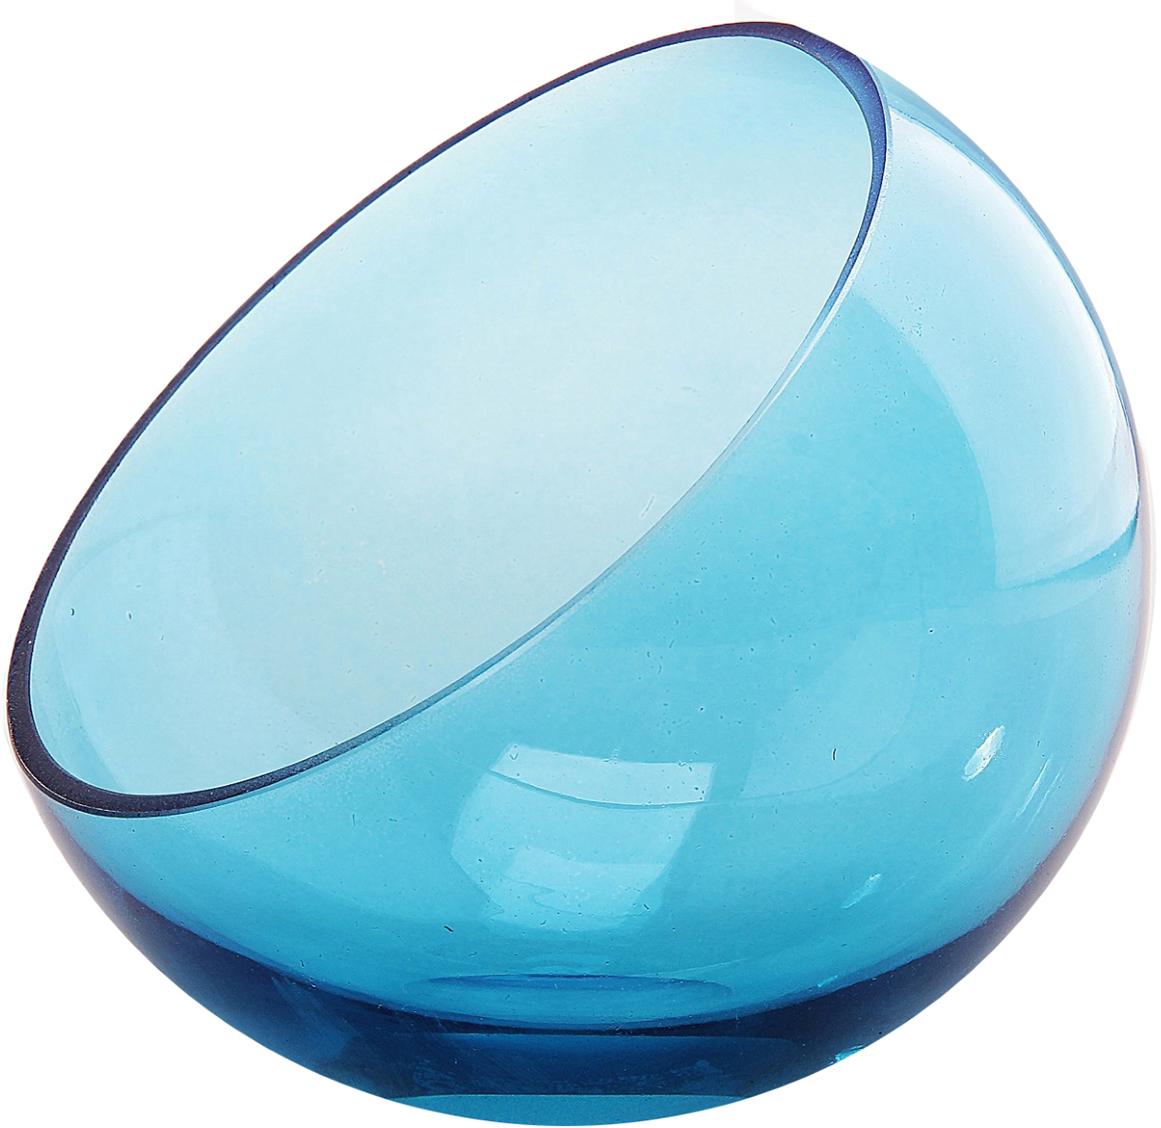 Ваза Evis Анабель, цвет: голубой, 0,8 л783072Ваза - не просто сосуд для букета, а украшение убранства. Поставьте в неё цветы или декоративные веточки, и эффектный интерьерный акцент готов! Стеклянный аксессуар добавит помещению лёгкости. Ваза Анабель 0,8 л преобразит пространство и как самостоятельный элемент декора. Наполните интерьер уютом! Каждая ваза выдувается мастером. Второй точно такой же не встретить. А случайный пузырёк воздуха или застывшая стеклянная капелька на горлышке лишь подчёркивают её уникальность.